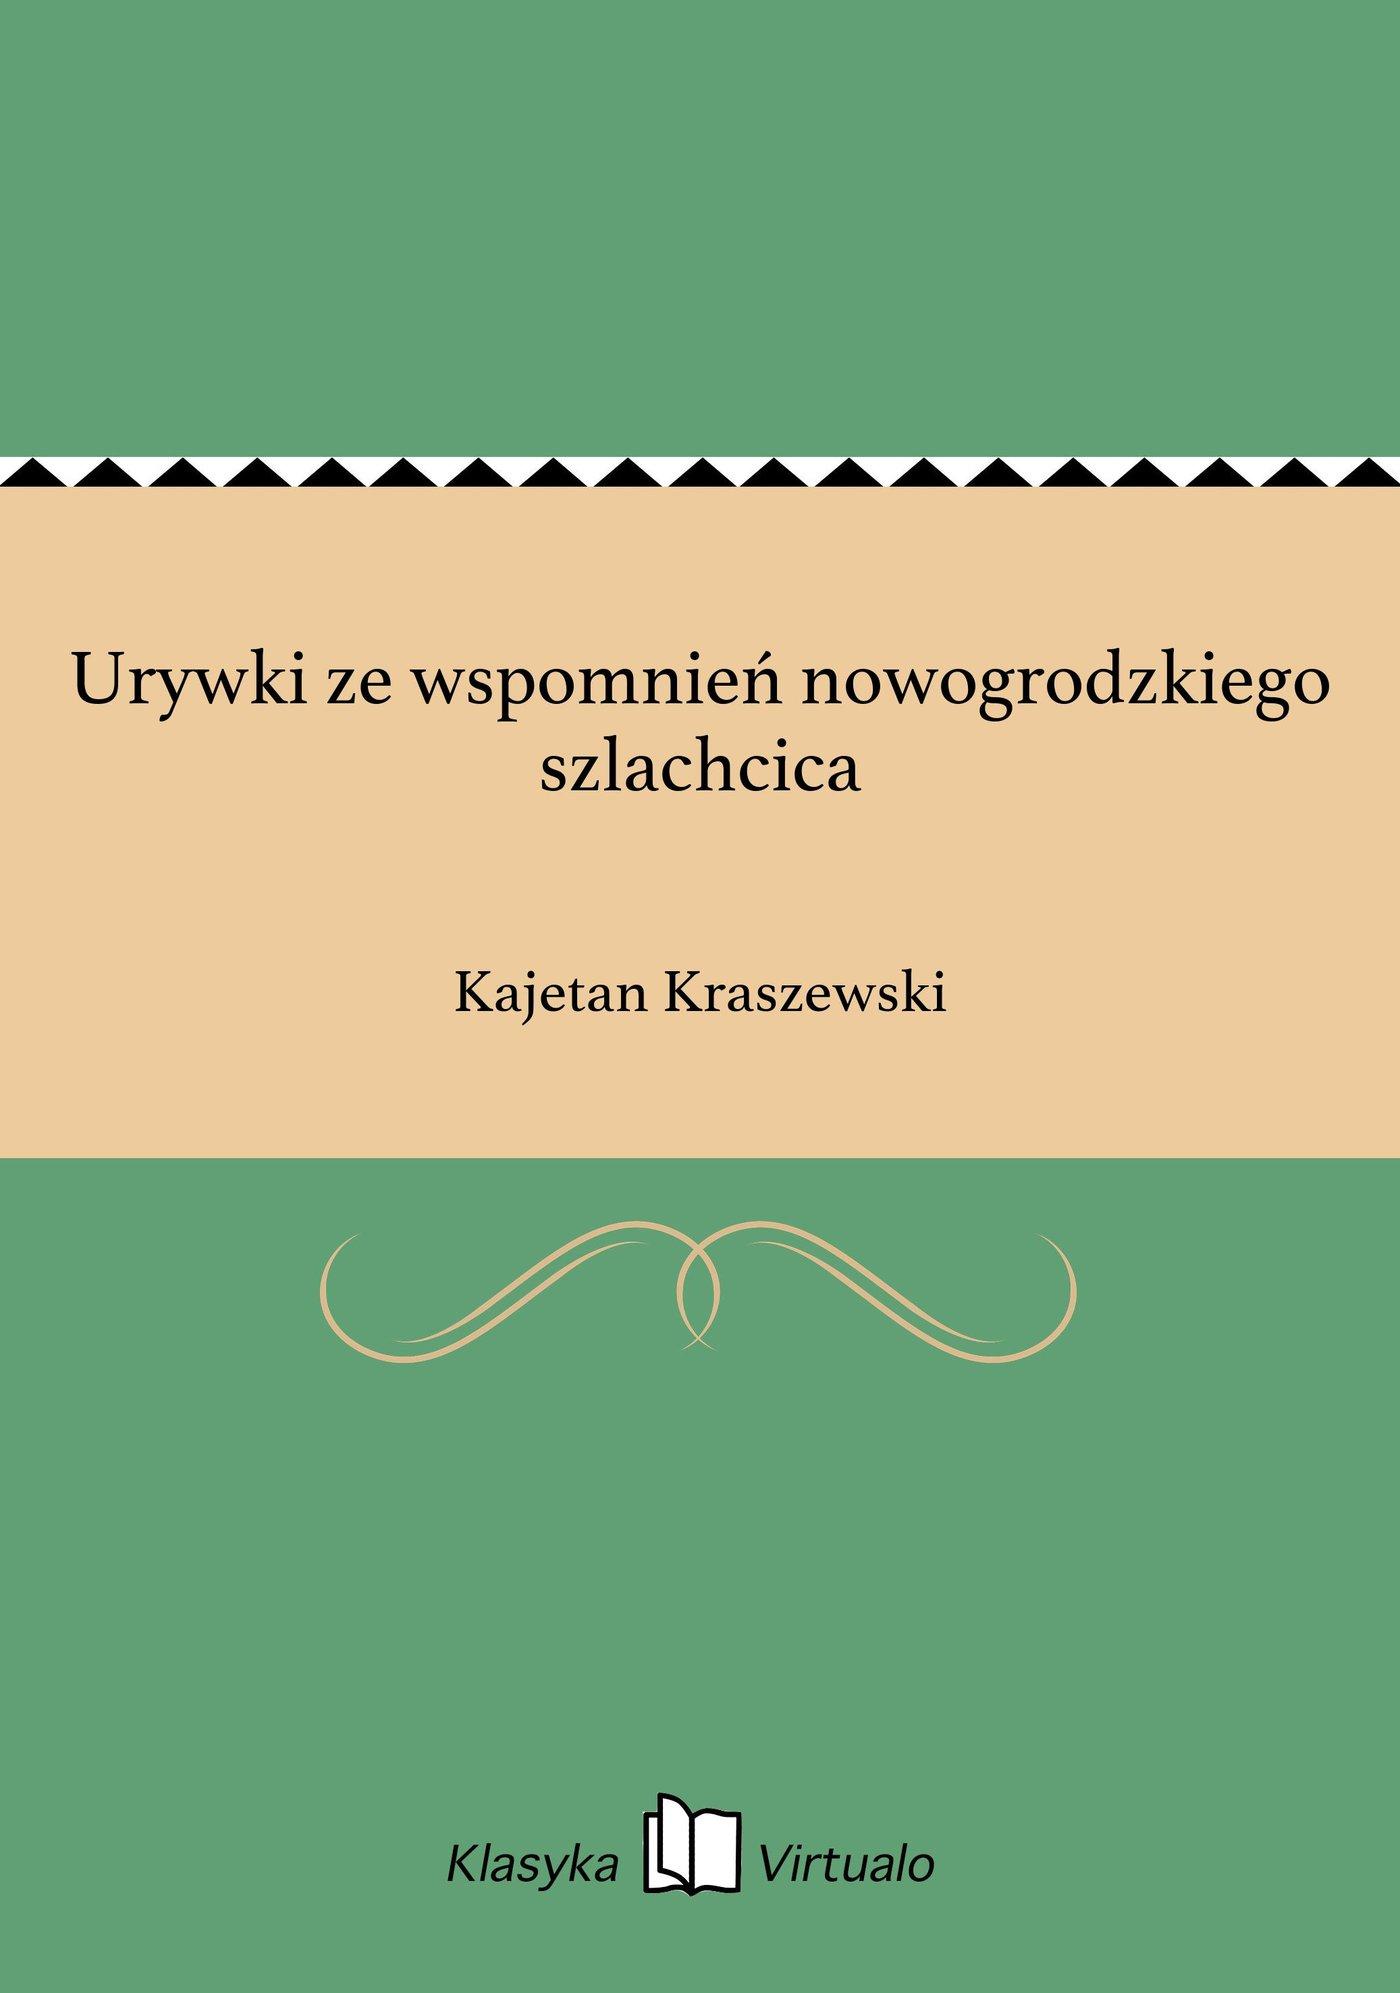 Urywki ze wspomnień nowogrodzkiego szlachcica - Ebook (Książka EPUB) do pobrania w formacie EPUB